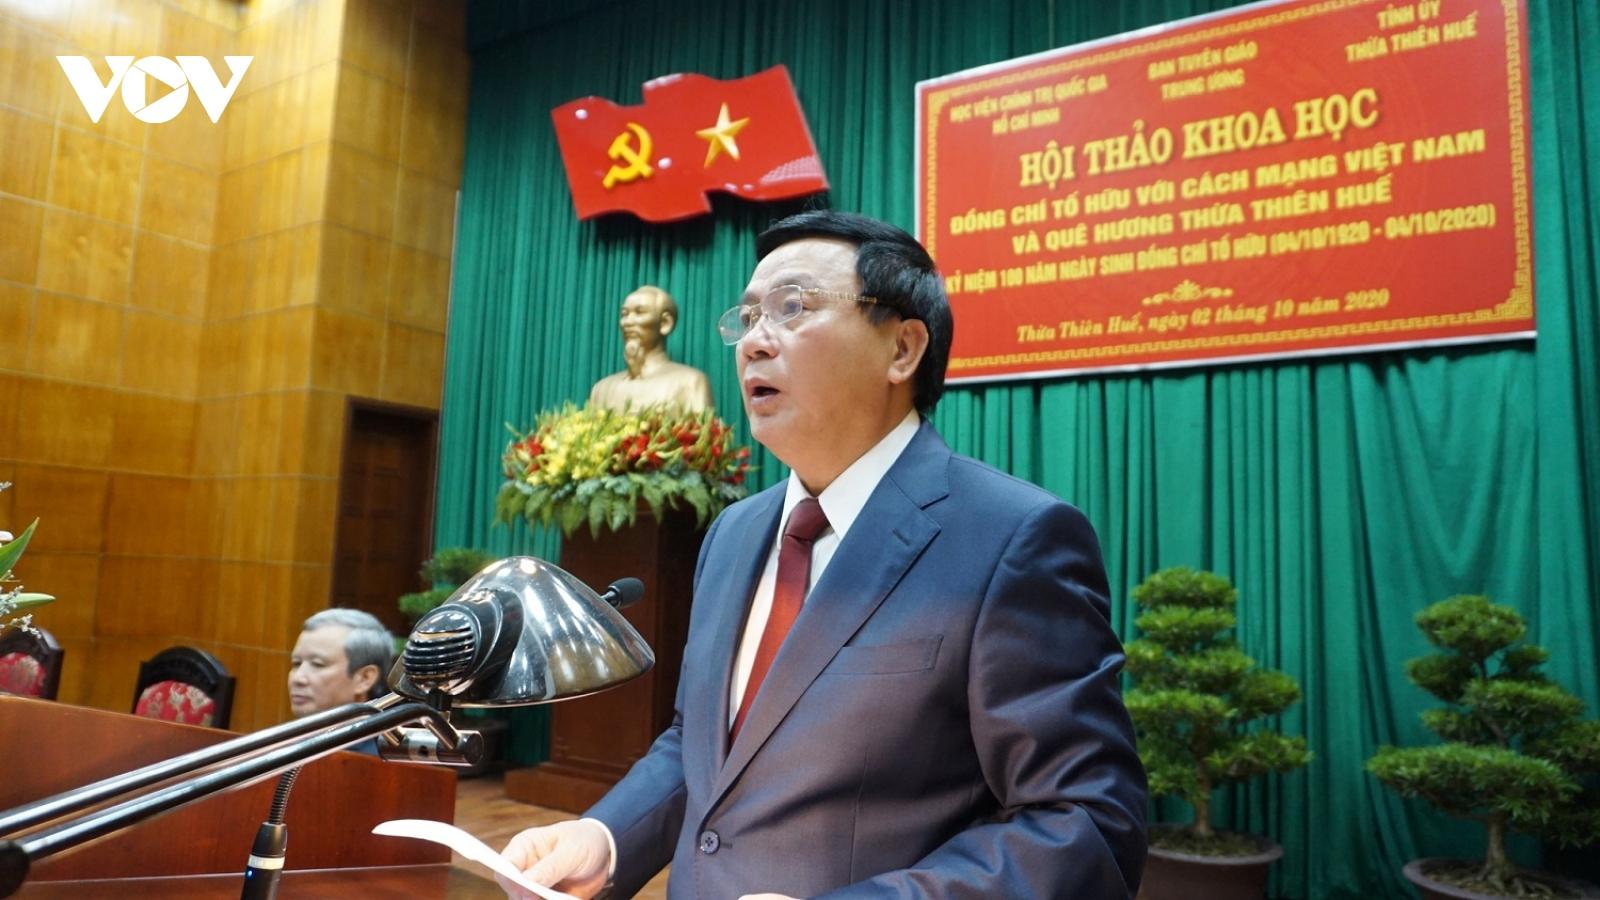 Hội thảo Khoa học Tố Hữu với Cách mạng Việt Nam và quê hương Thừa Thiên Huế